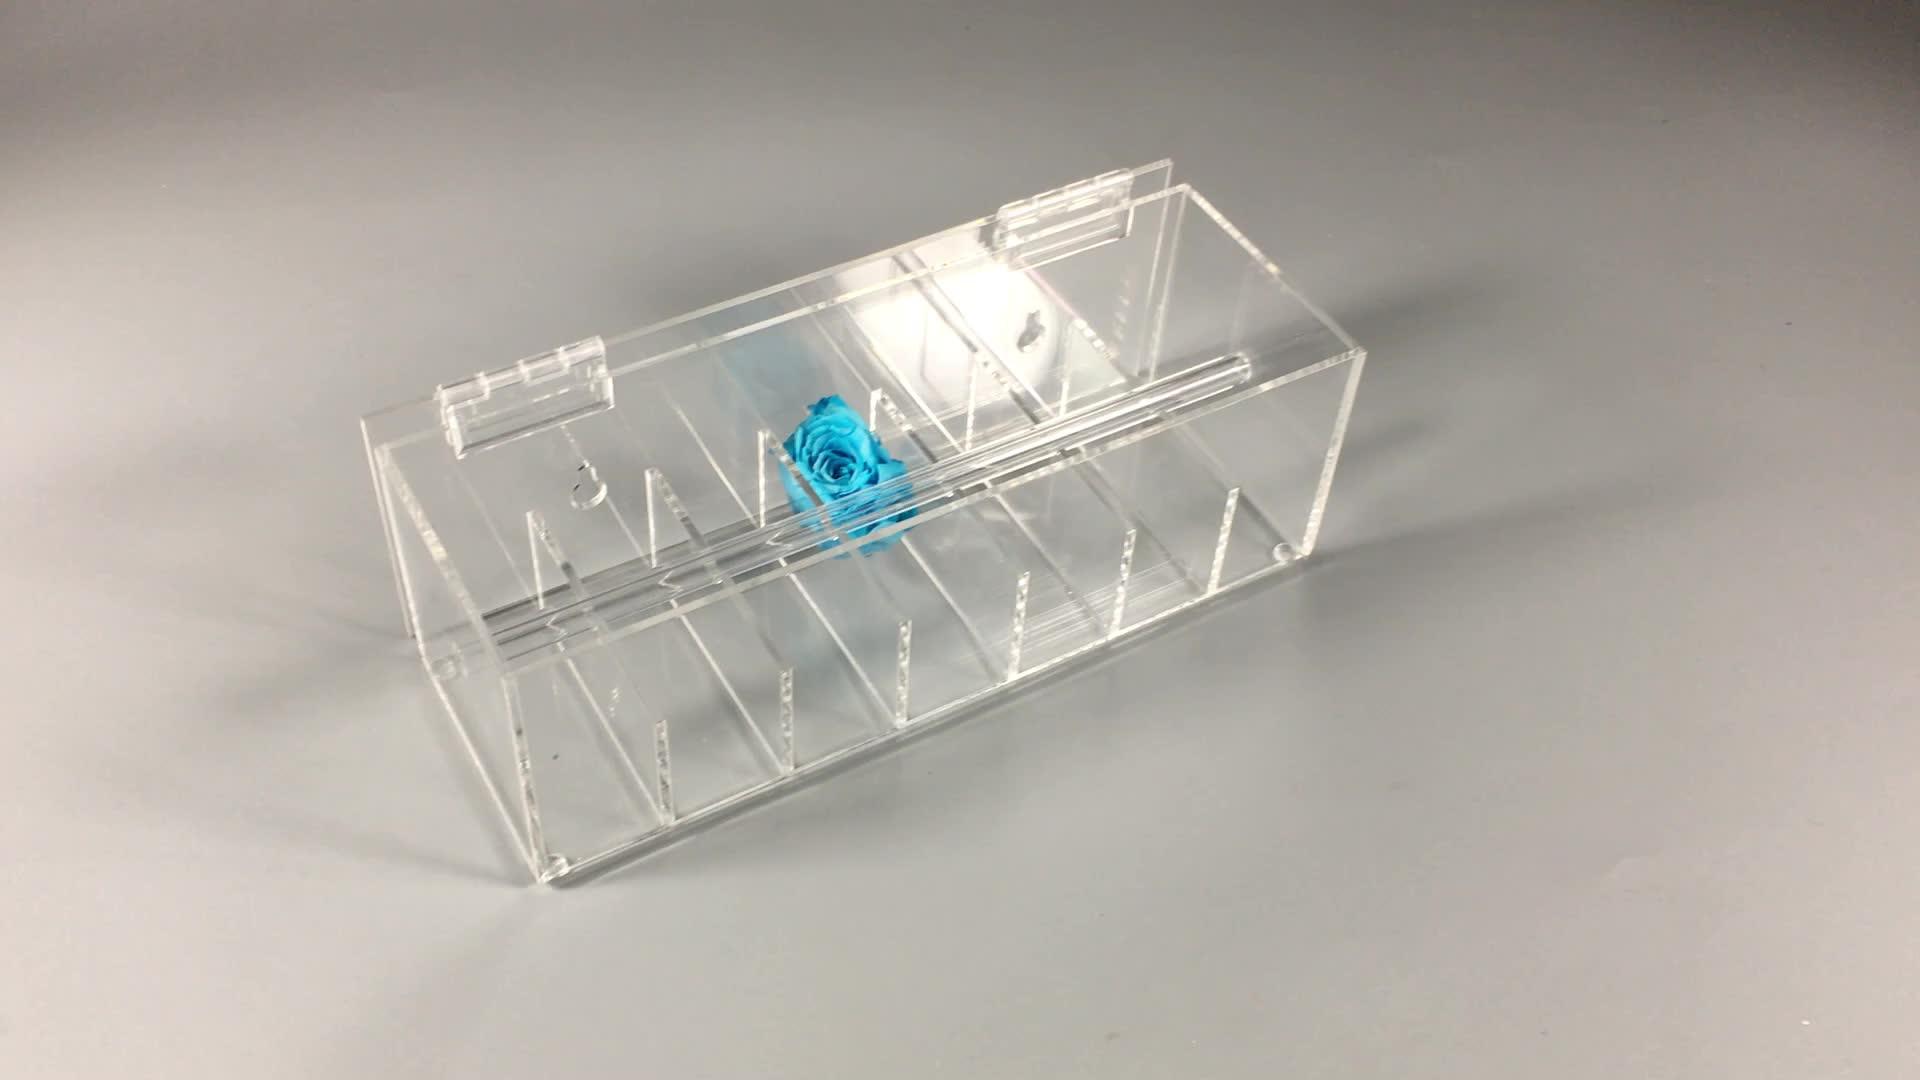 Acrilico trasparente di plastica free standing photo frame con stampato bordo nero